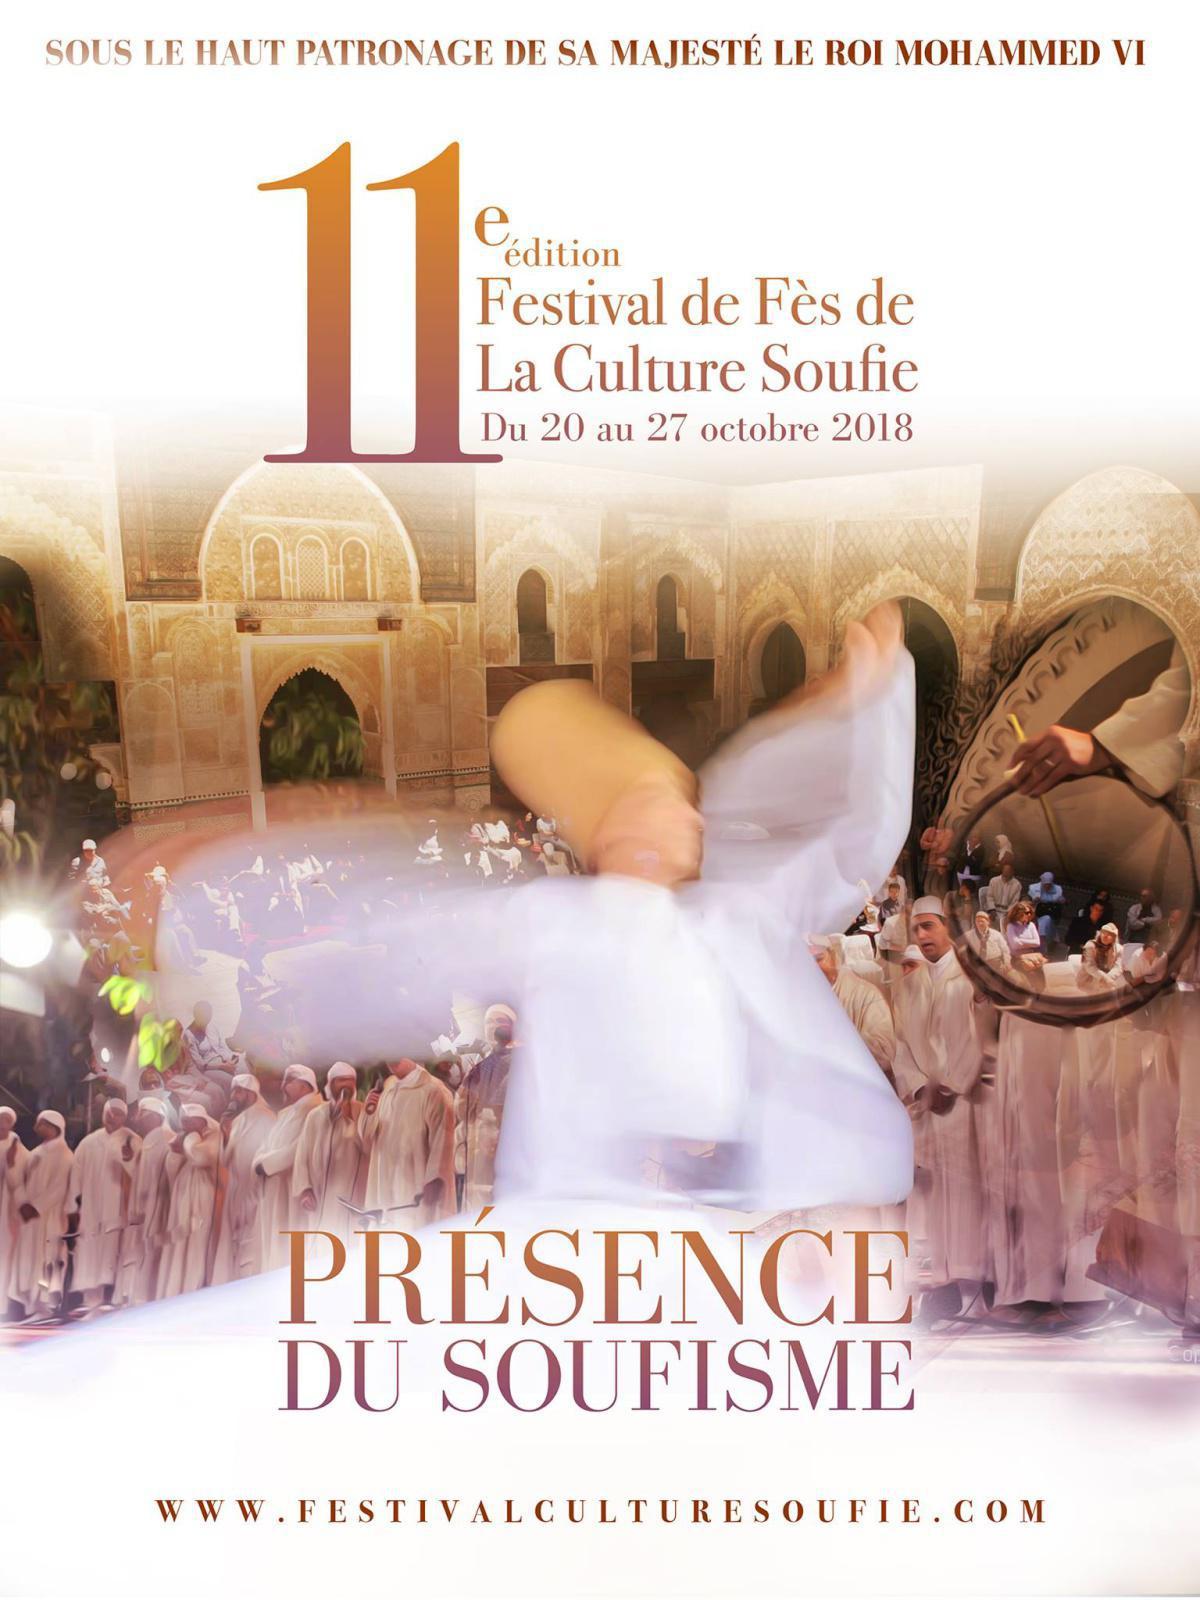 مهرجان فاس للثقافة الصوفية في نسخته الحادية عشرة